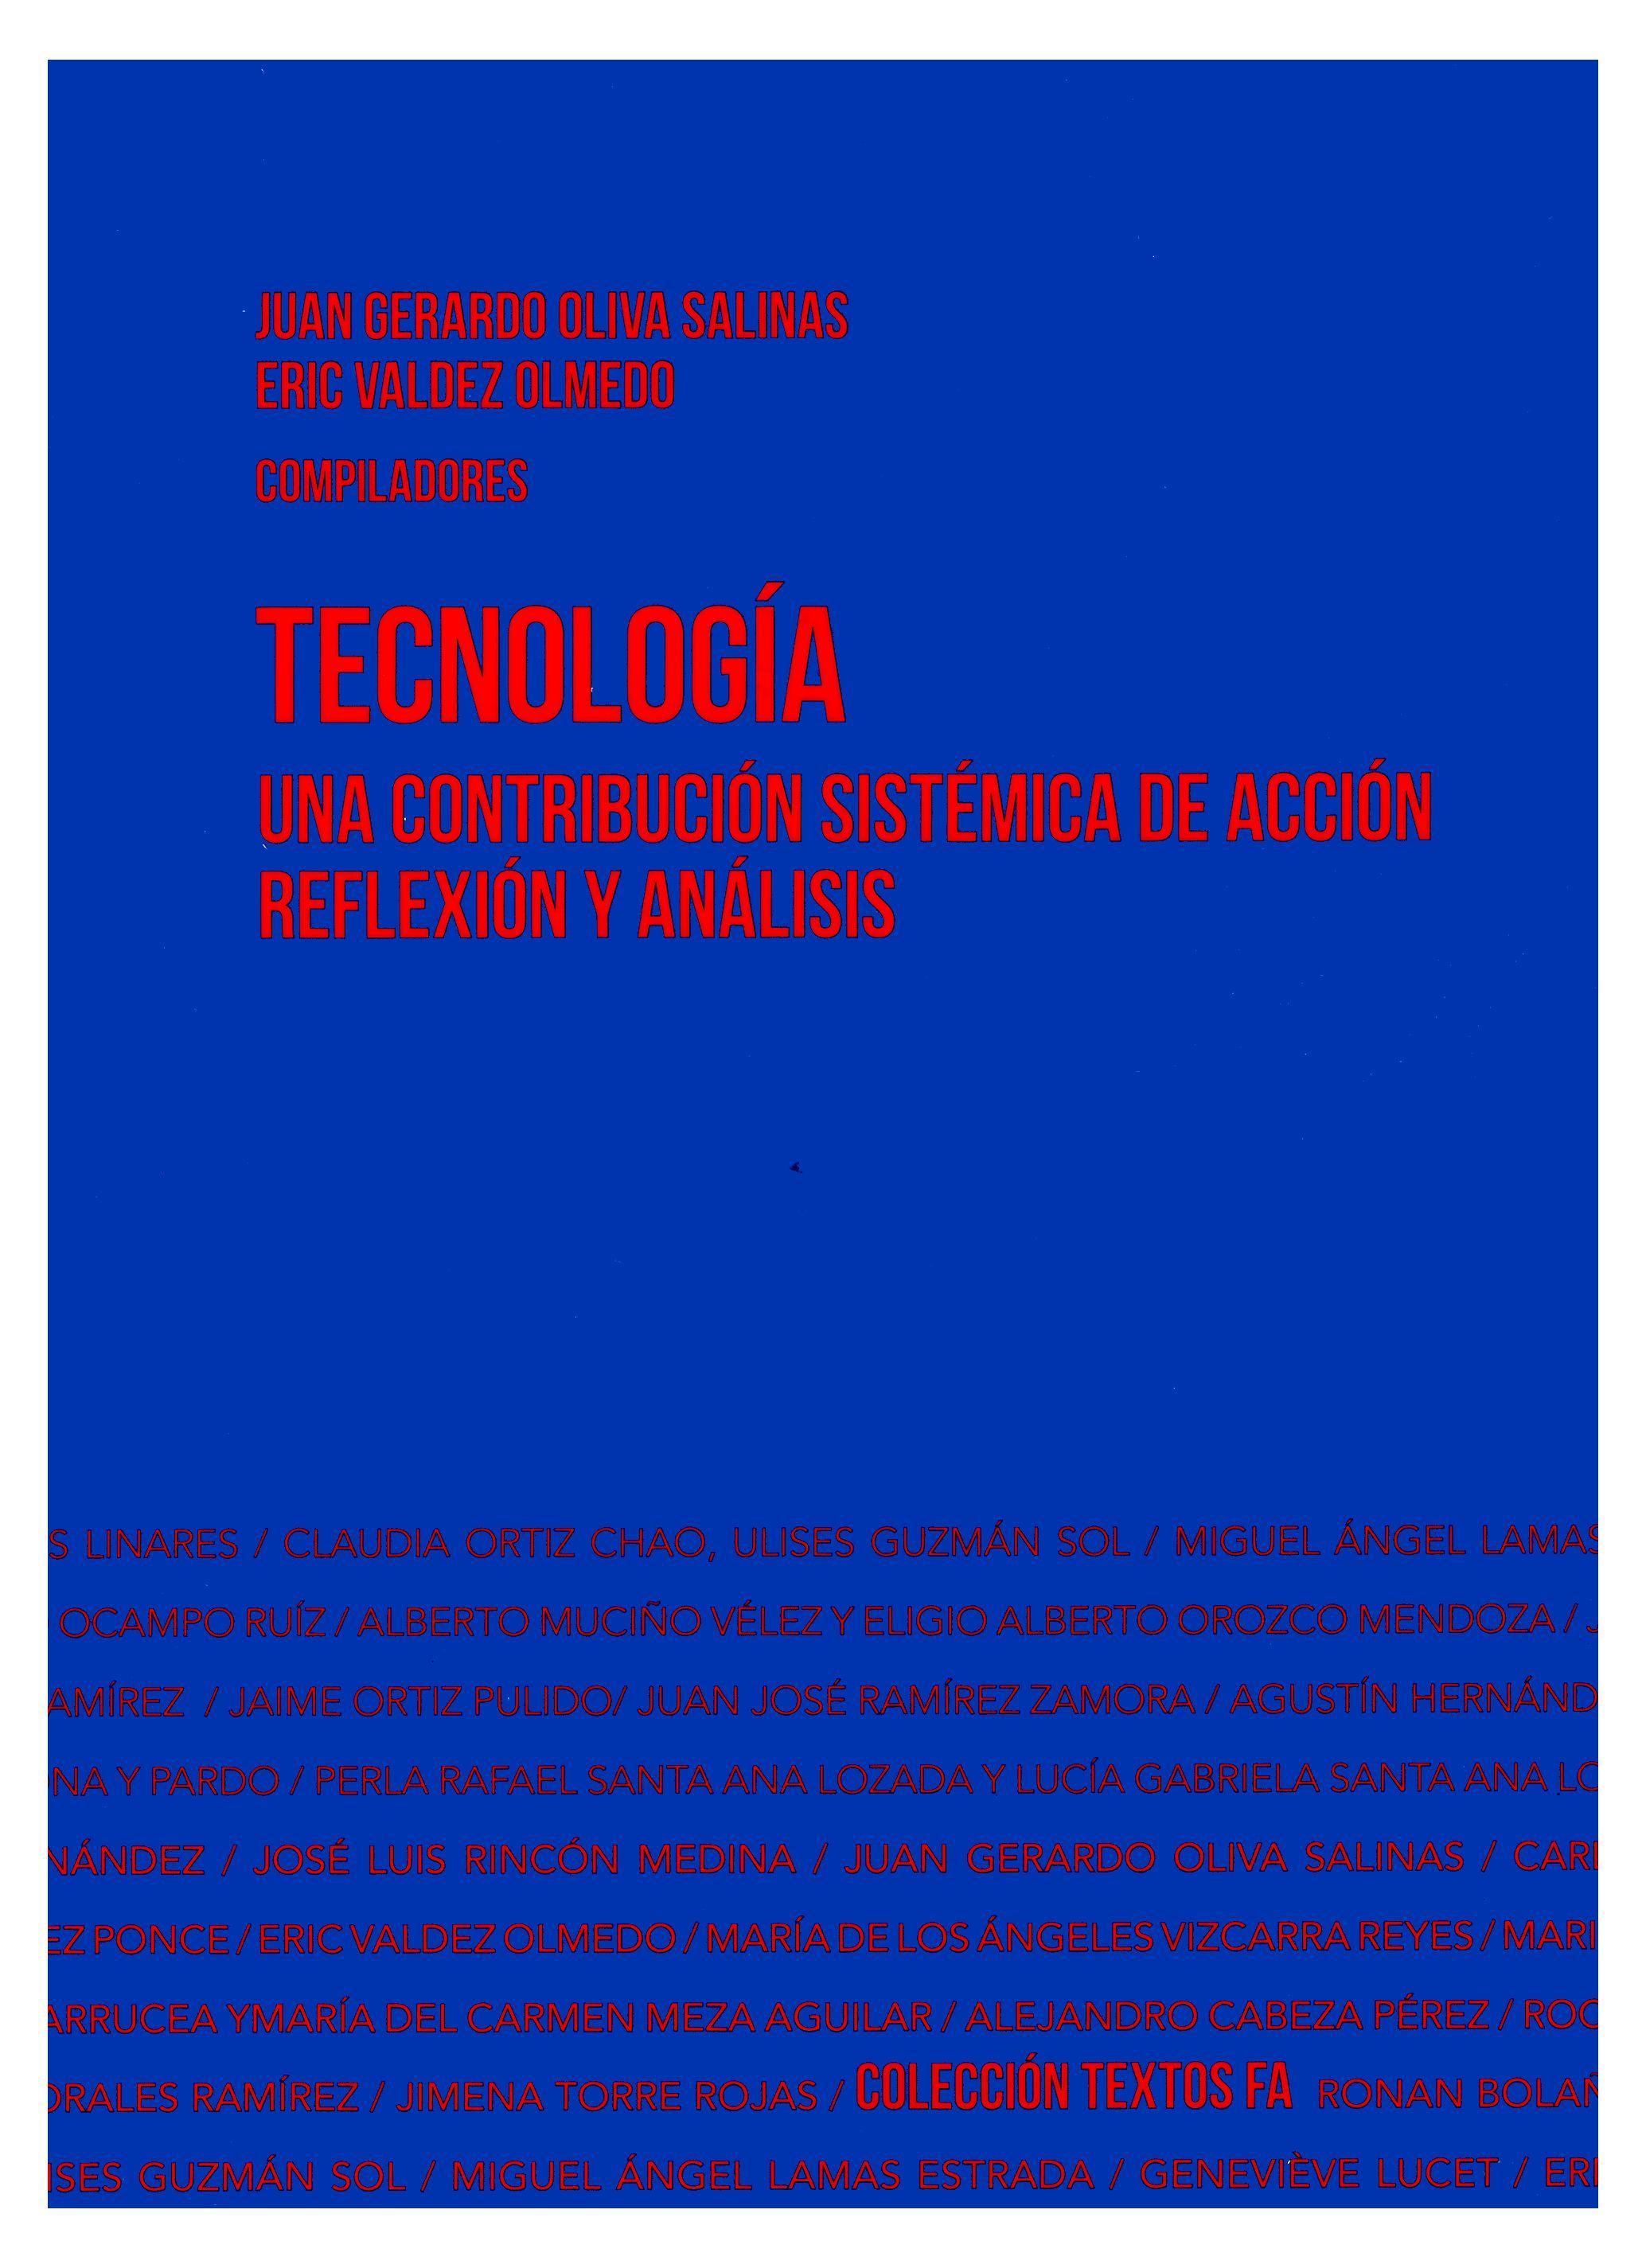 Tecnología. Una contribución sistémica de acción, reflexión y análisis